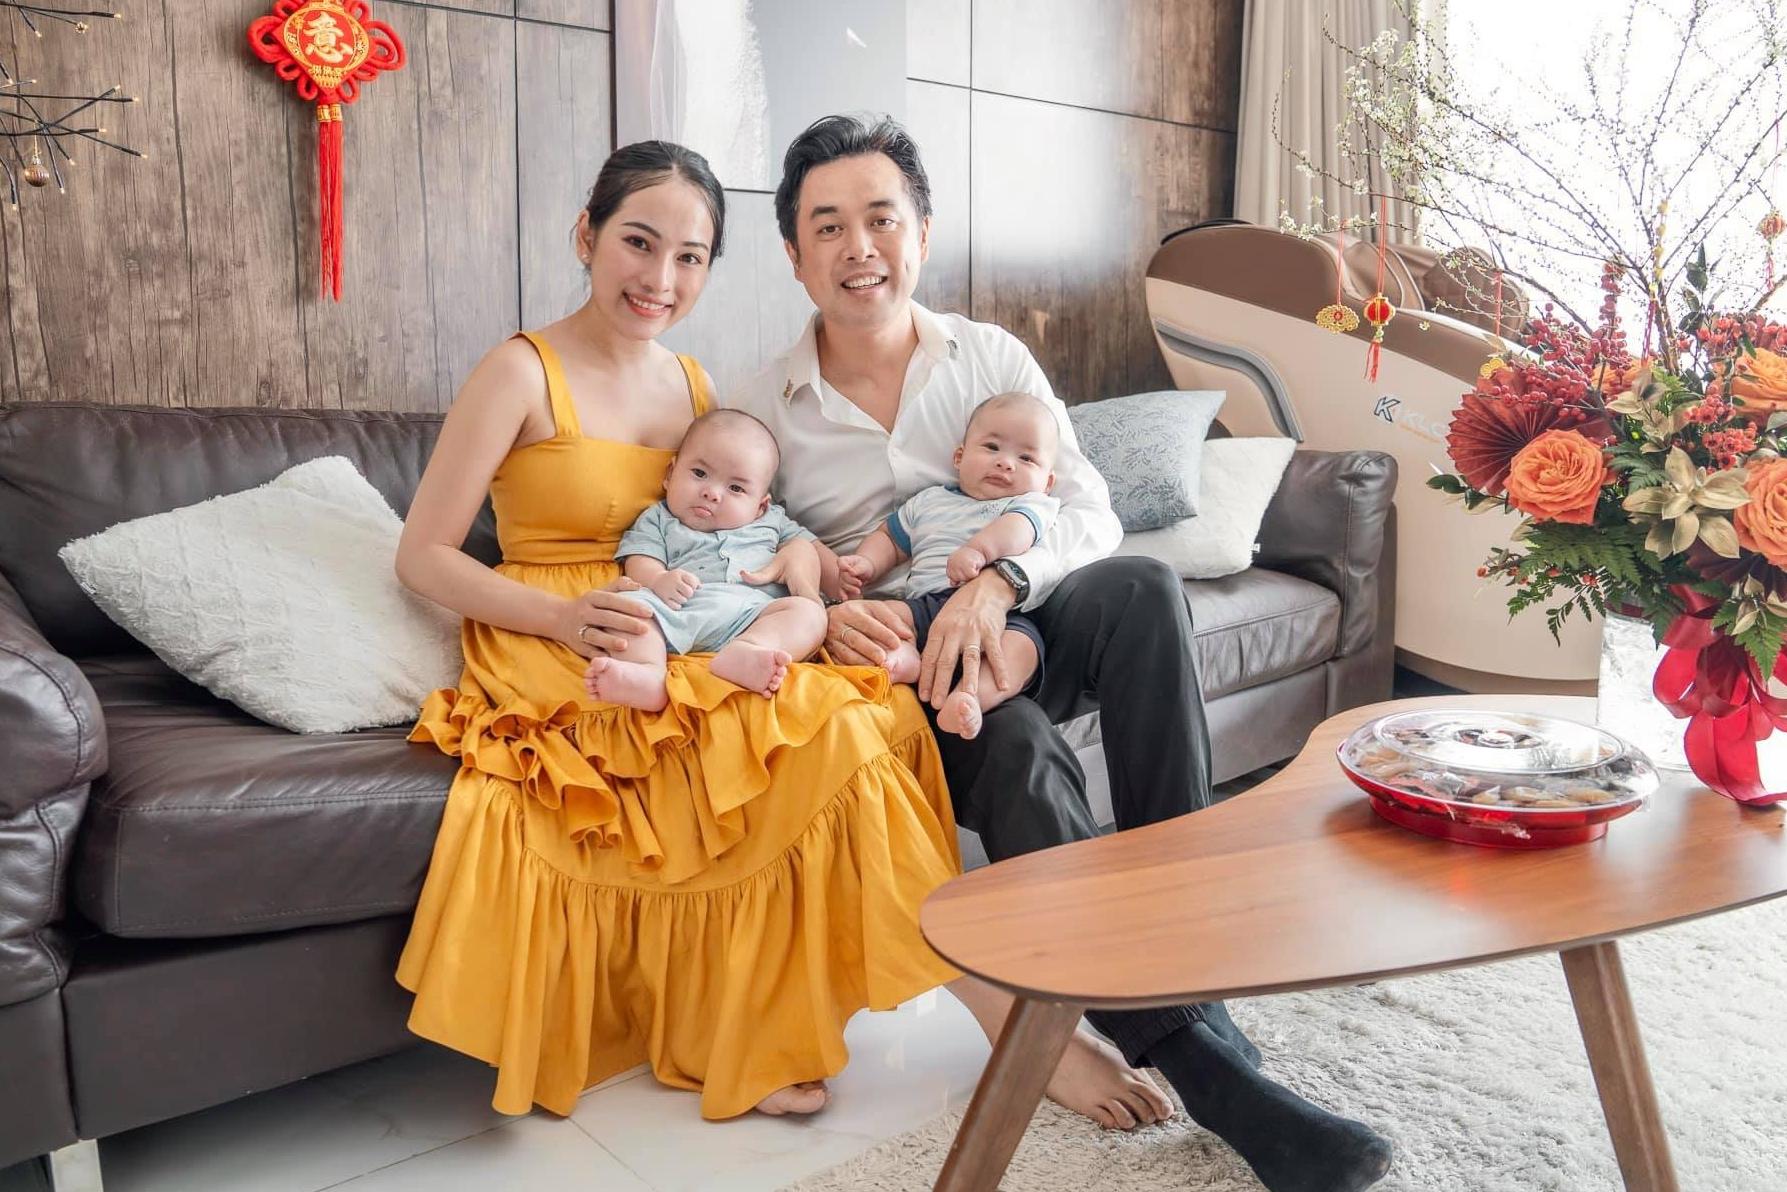 Mickey và Jerry là quả ngọt của hôn nhân nhạc sĩ Dương Khắc linh - ca sĩ Sara Lưu, chào đời ngày 21/10/2020. Sara Lưu chia sẻ: Hiện tại, hai con trộm vía phát triển tốt, lên cân đều và thích hóng chuyện với bố mẹ.